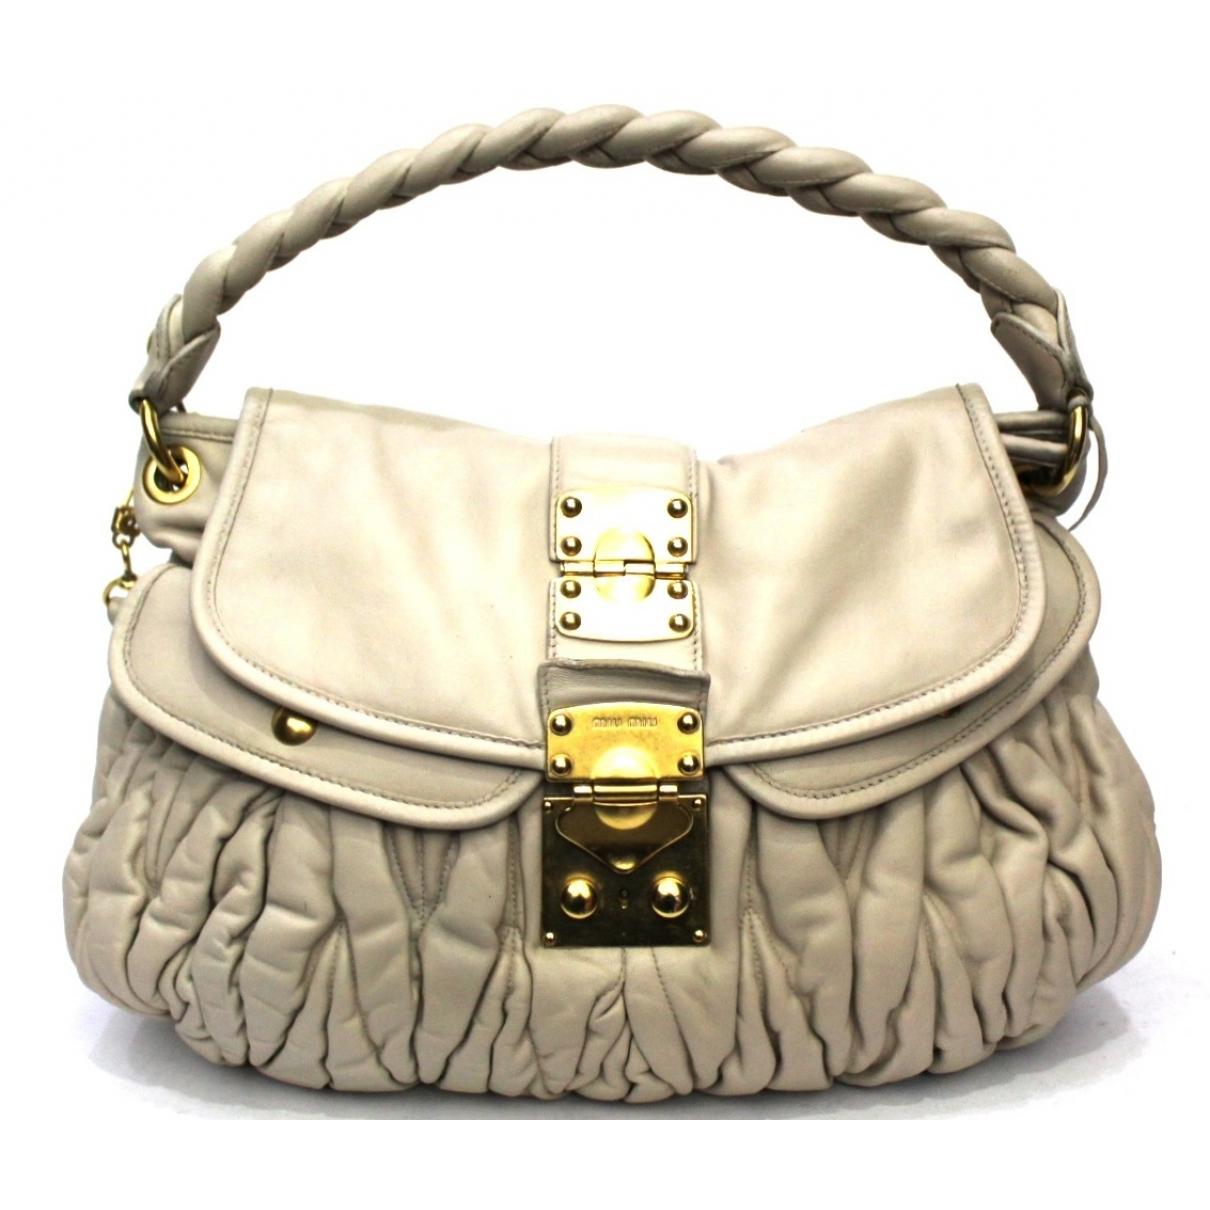 Miu Miu Matelasse Handtasche in  Ecru Leder